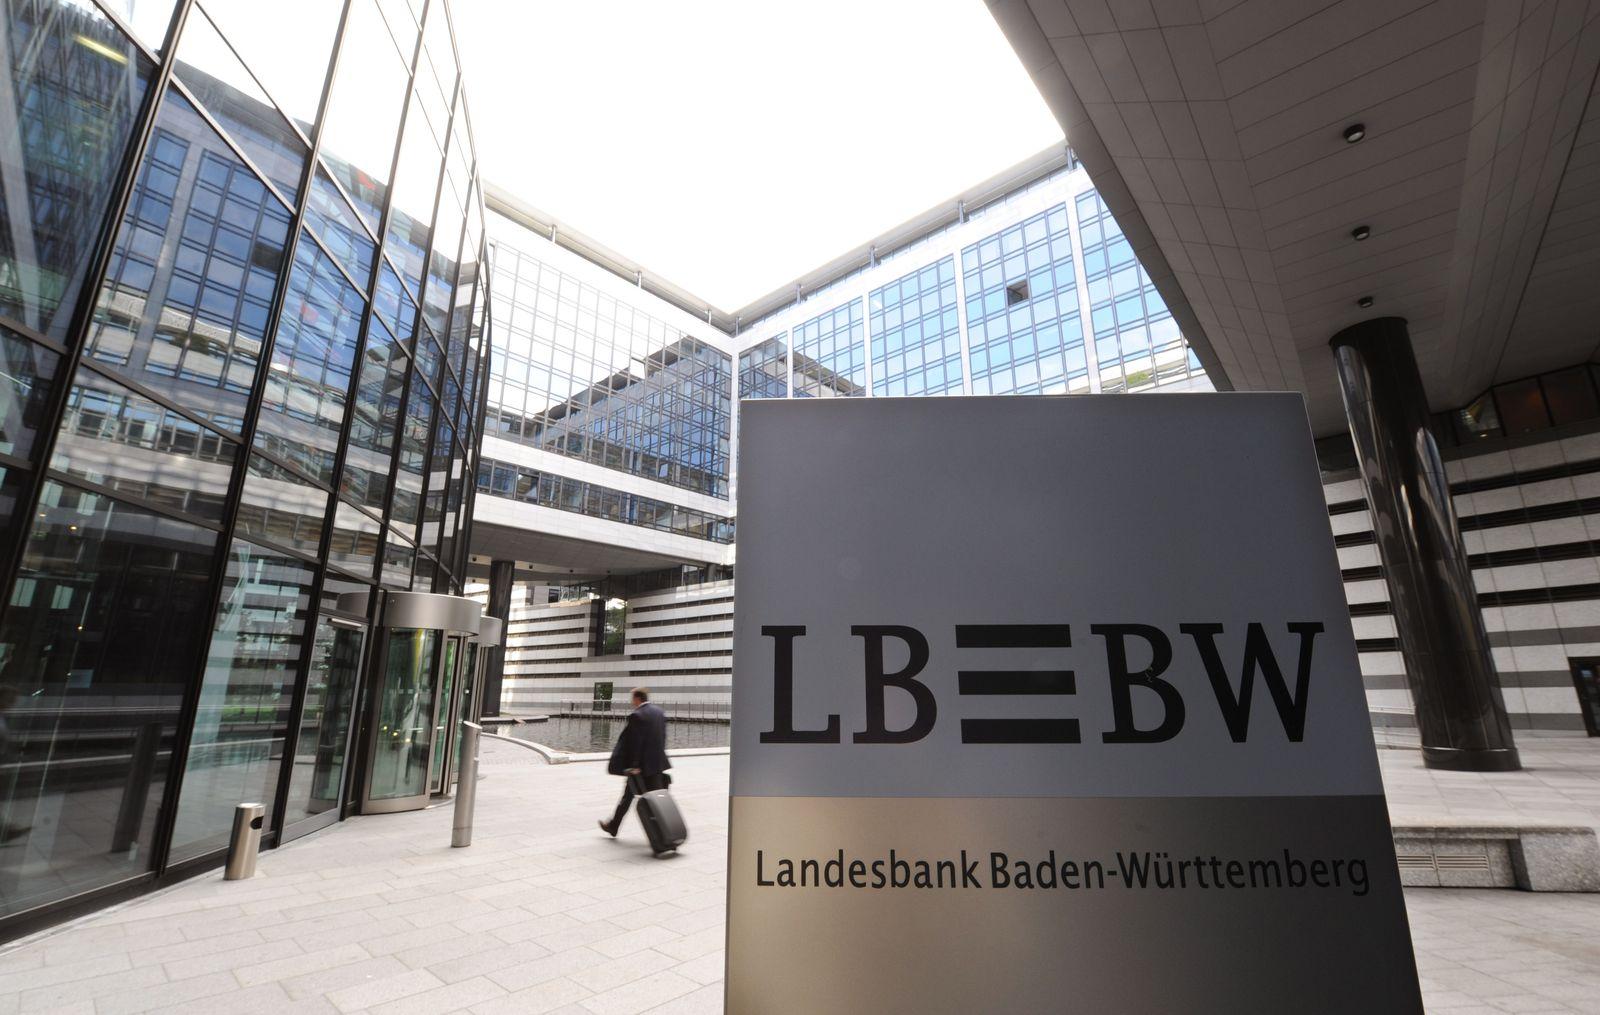 LBBW / Landesbank Baden-Württemberg